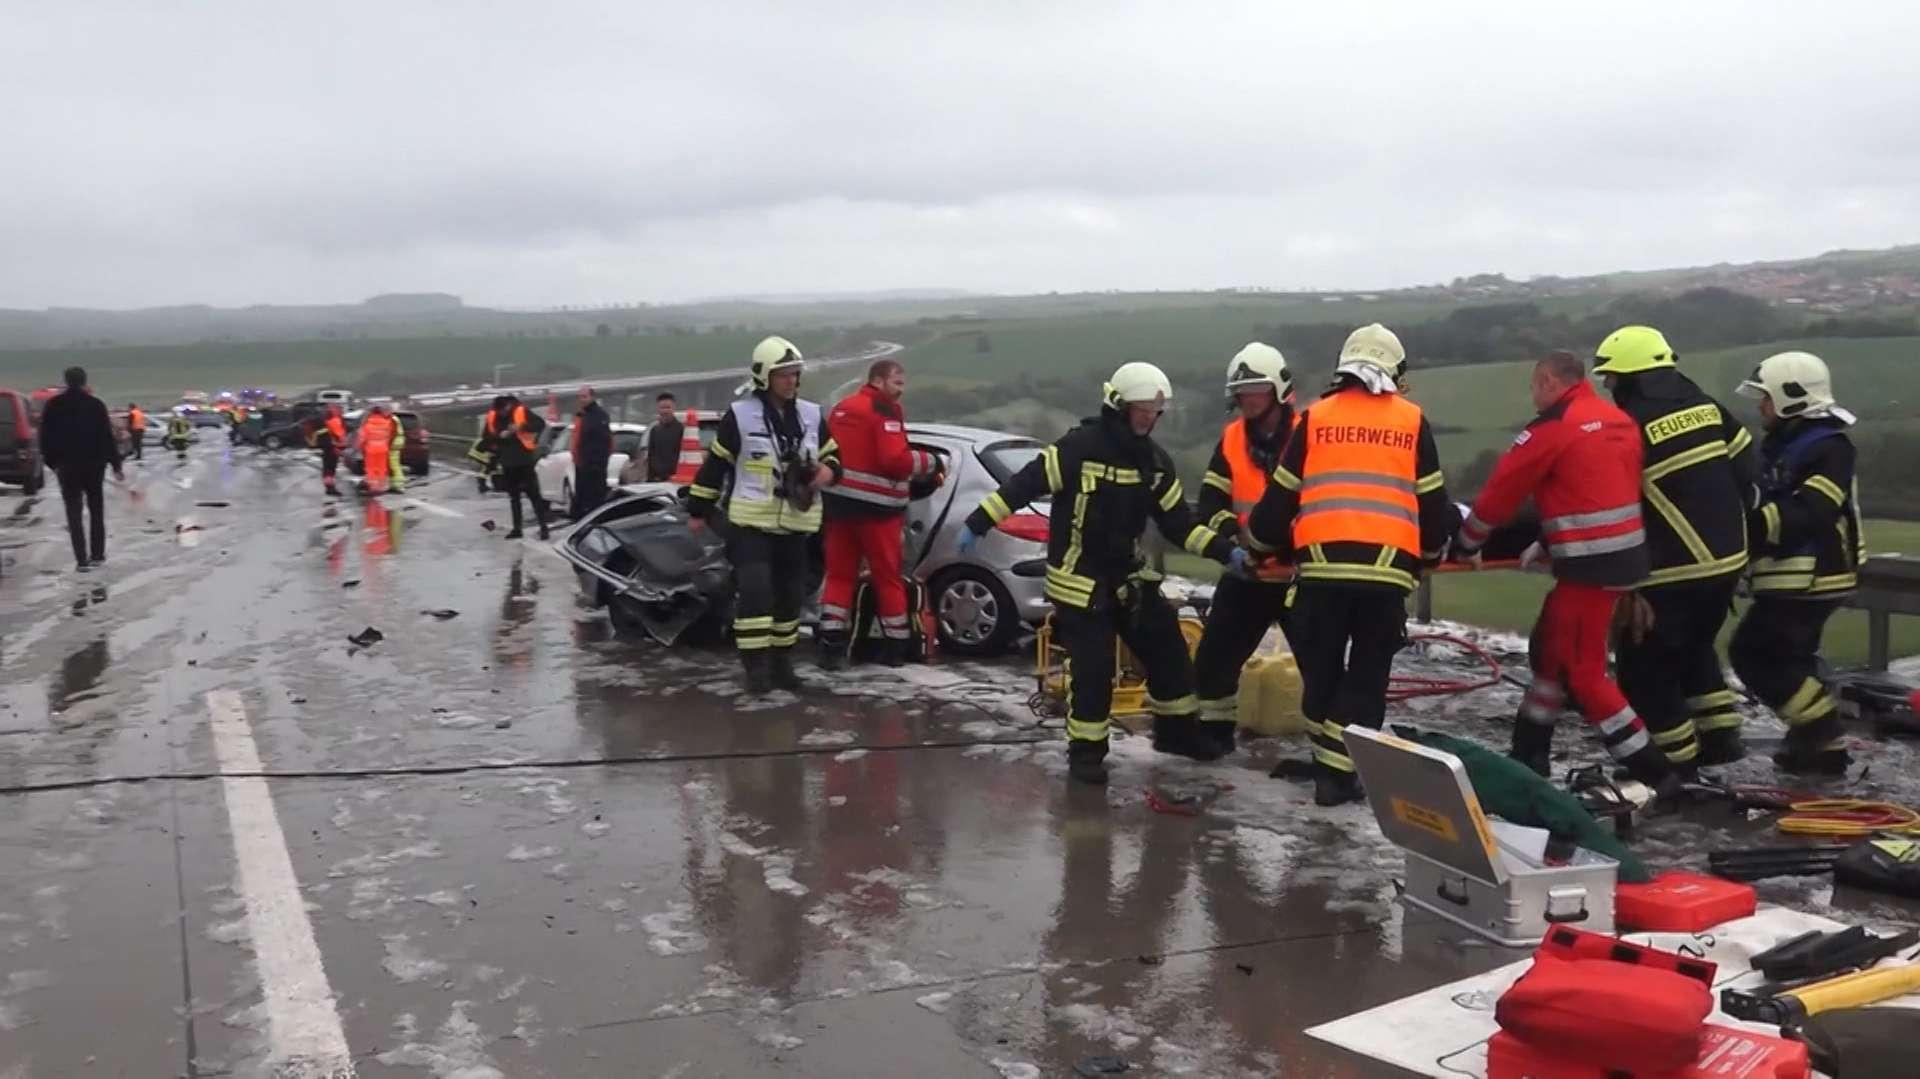 Rettungskräfte bergen auf der A71 einen Verletzten.